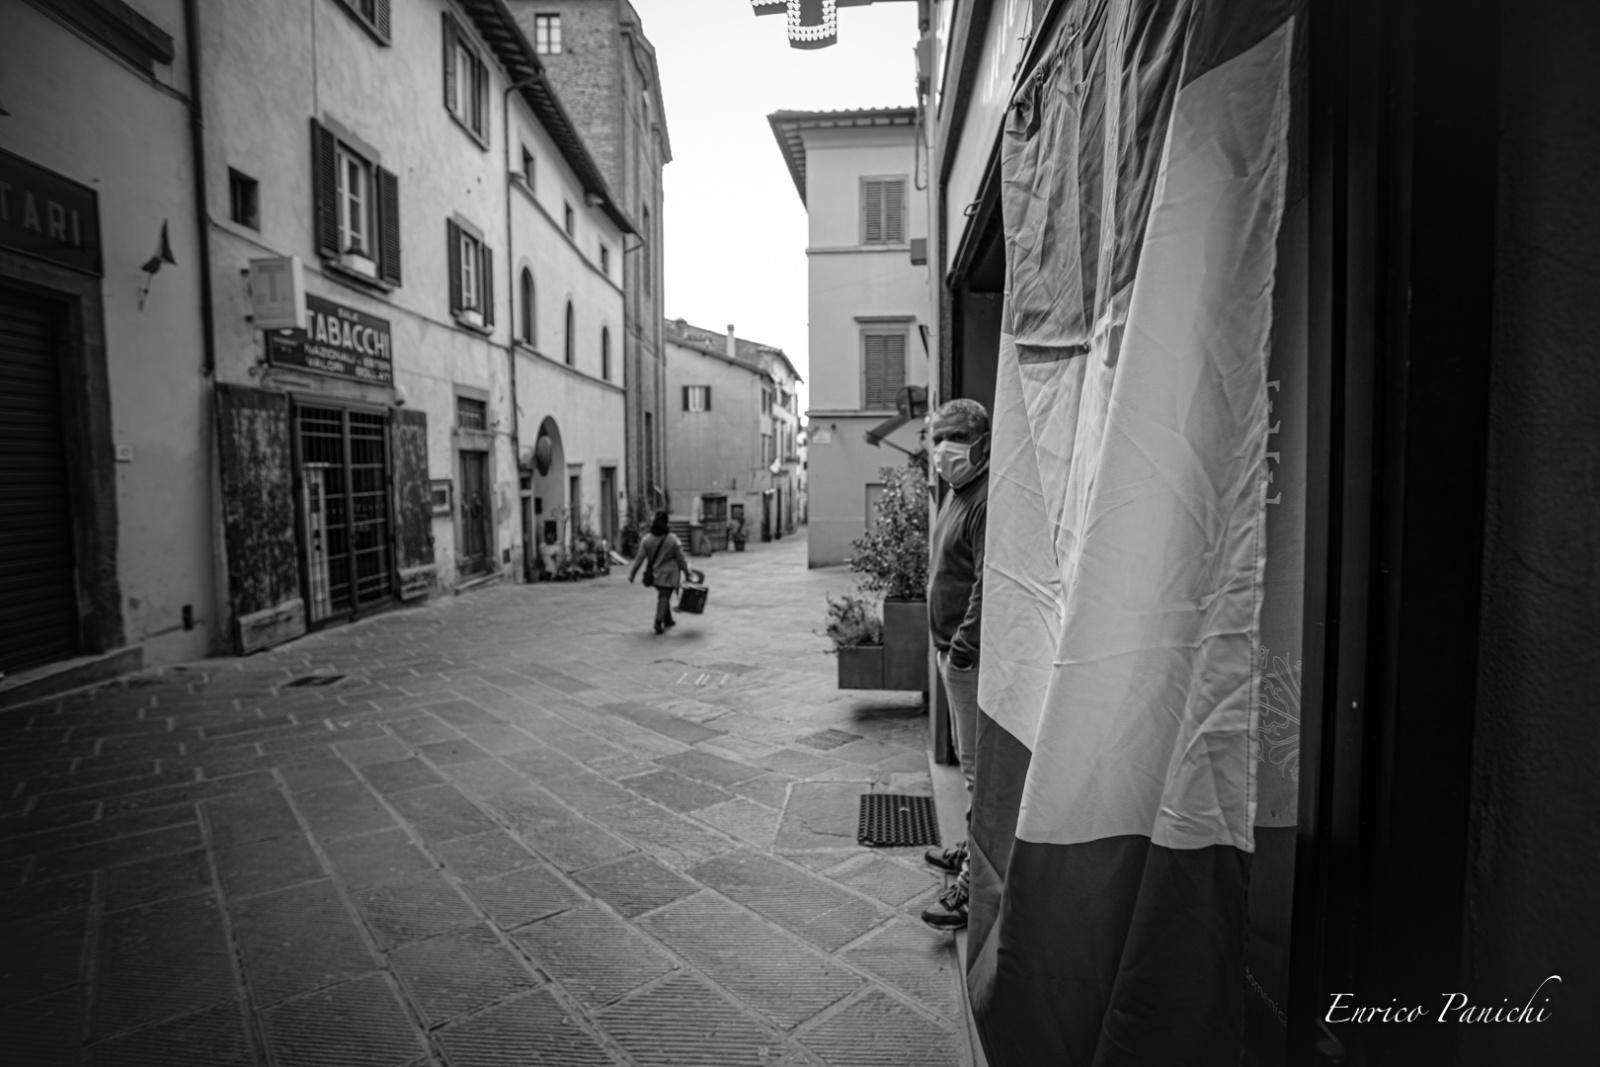 Aprile 2020 castiglion Fiorentino  - Un piccolo Tours durante i giorni del lockdown nel paese deserto